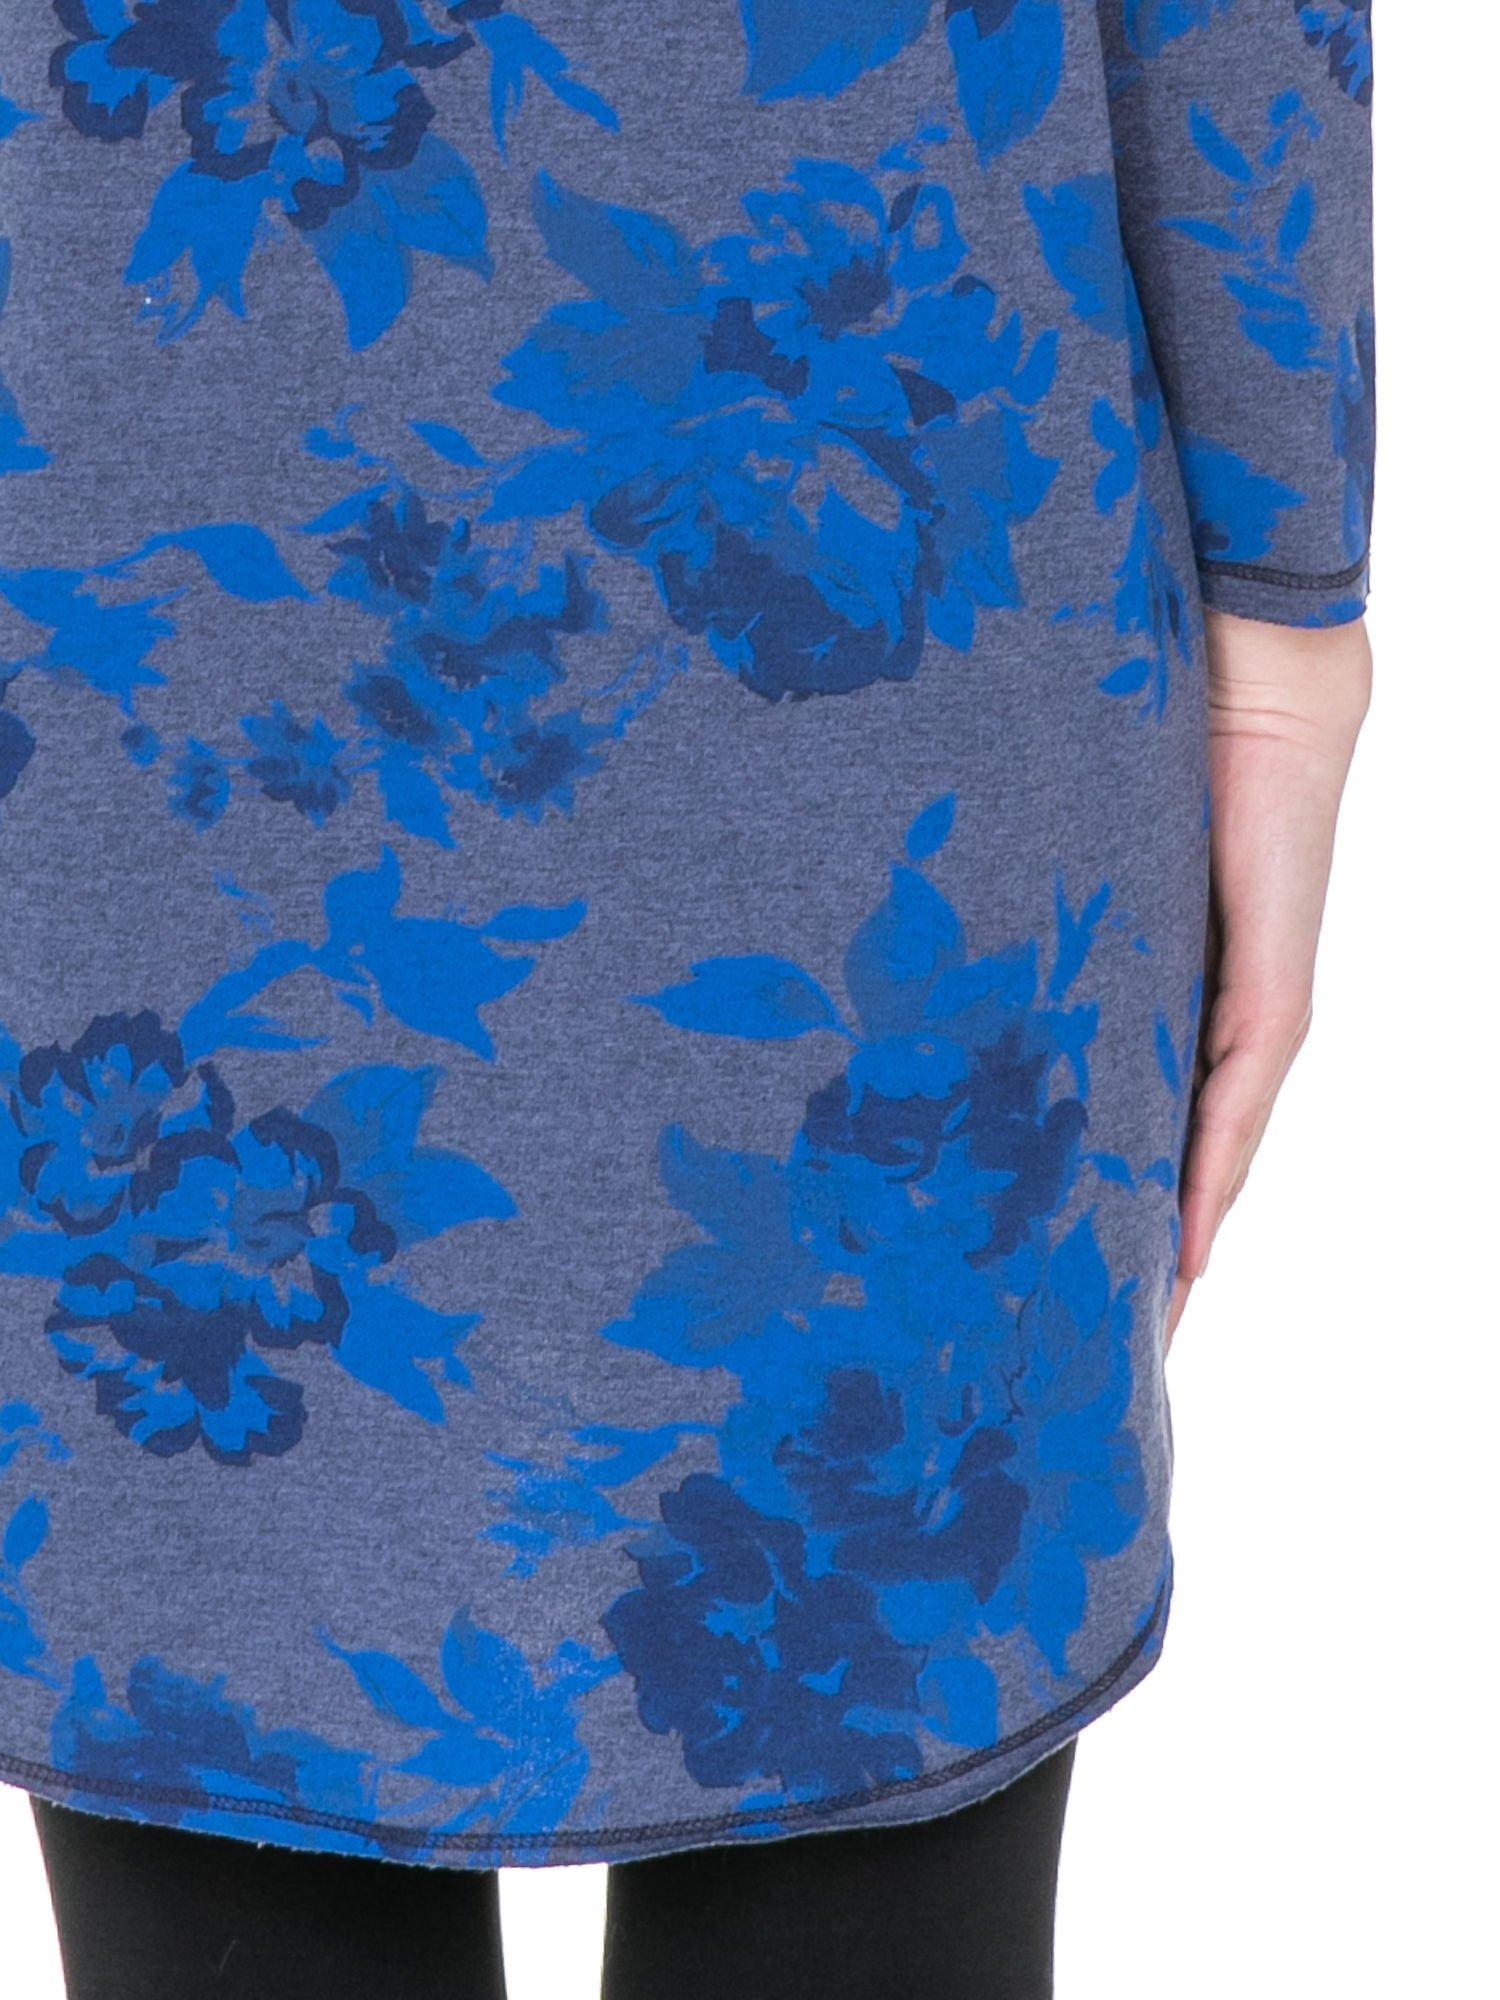 Szara dresowa sukienka z nadrukiem kwiatowym w kolorze niebieskim                                  zdj.                                  7